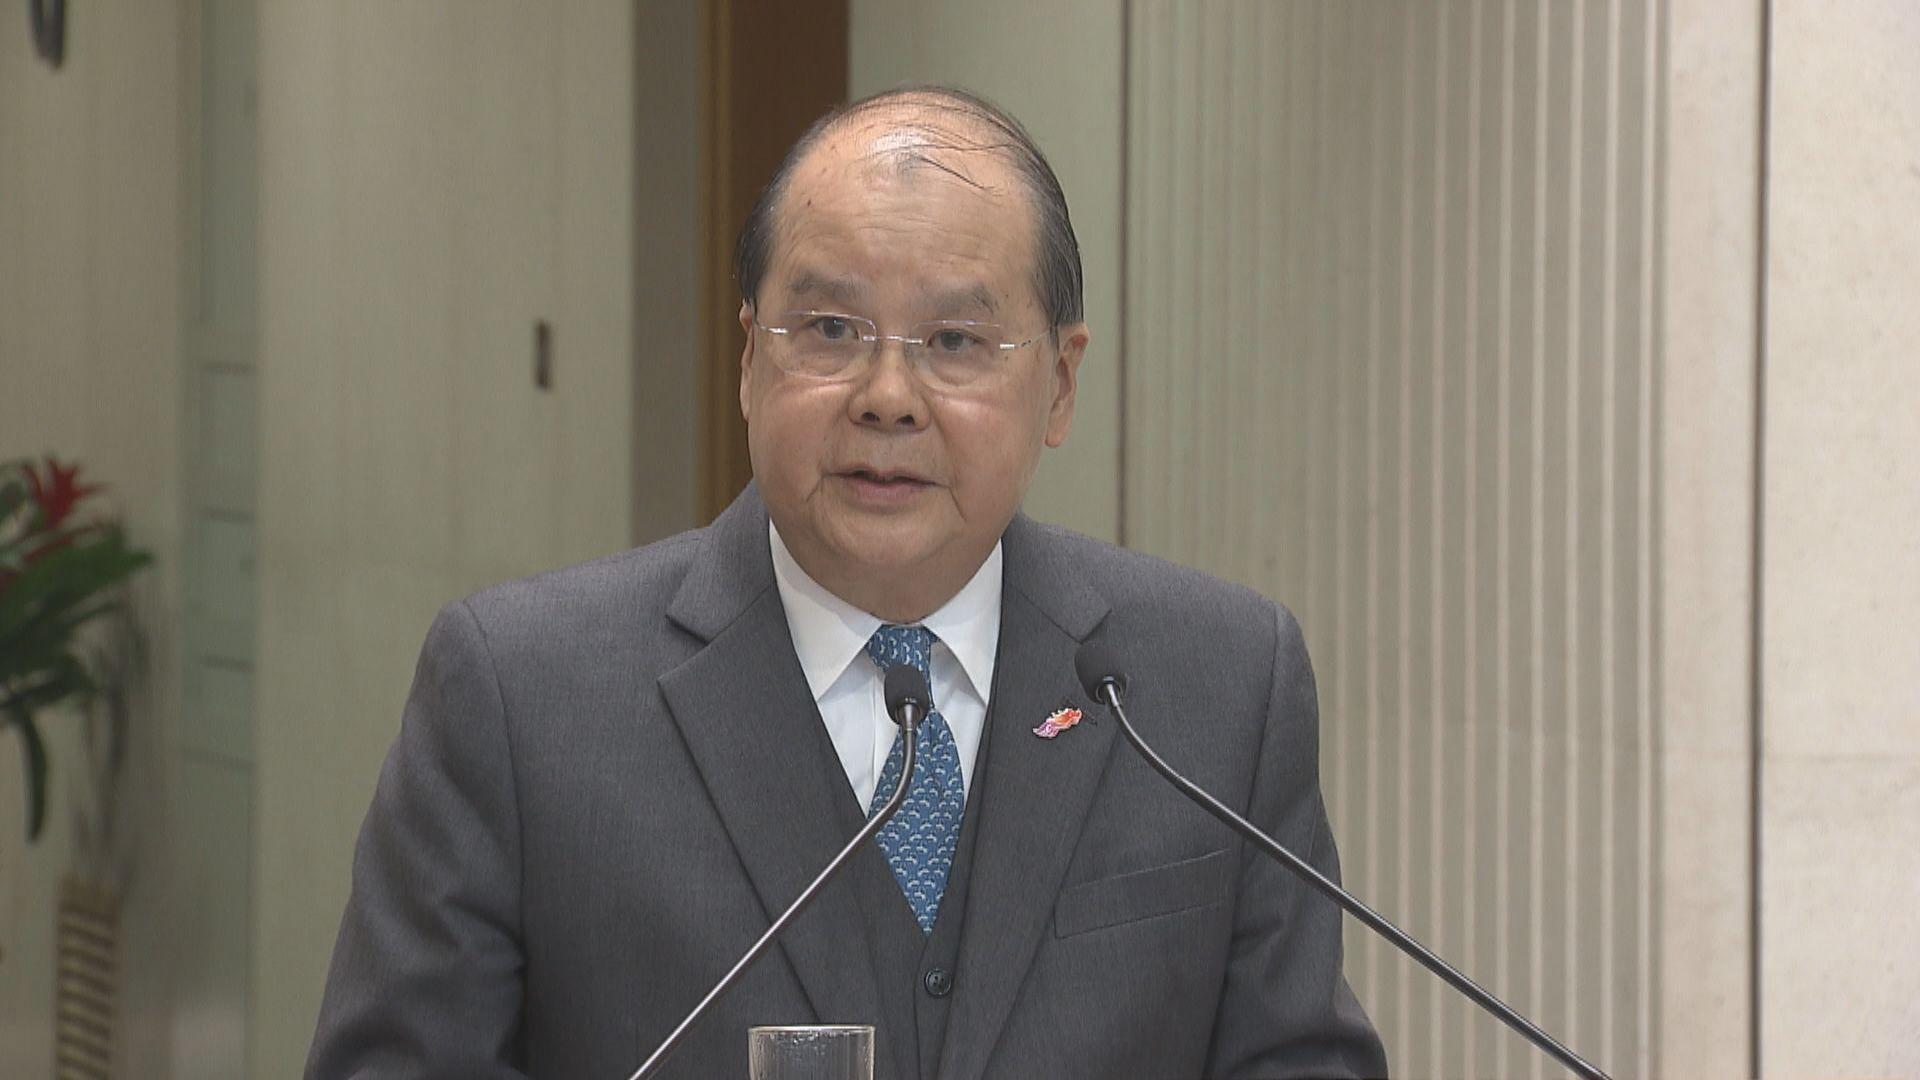 張建宗:公務員應全面配合政府履行維護國家安全責任